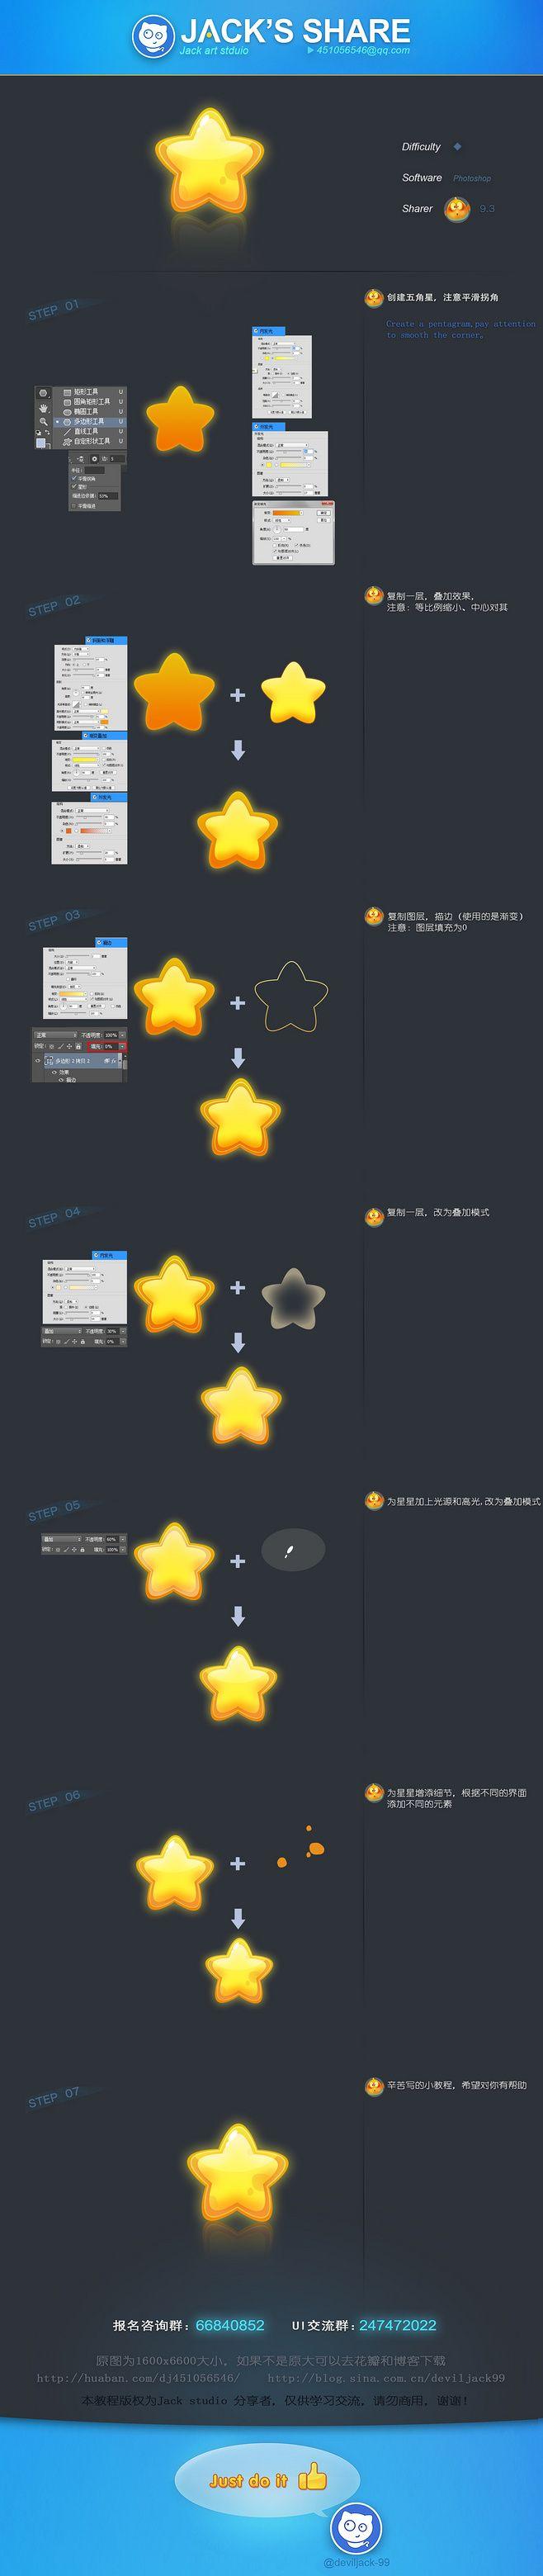 Jack工作室-游戏UI界面图标教程分享@DEVILJACK-99采集到公益教程(Jack团队分享)(116图)_花瓣UI/UX